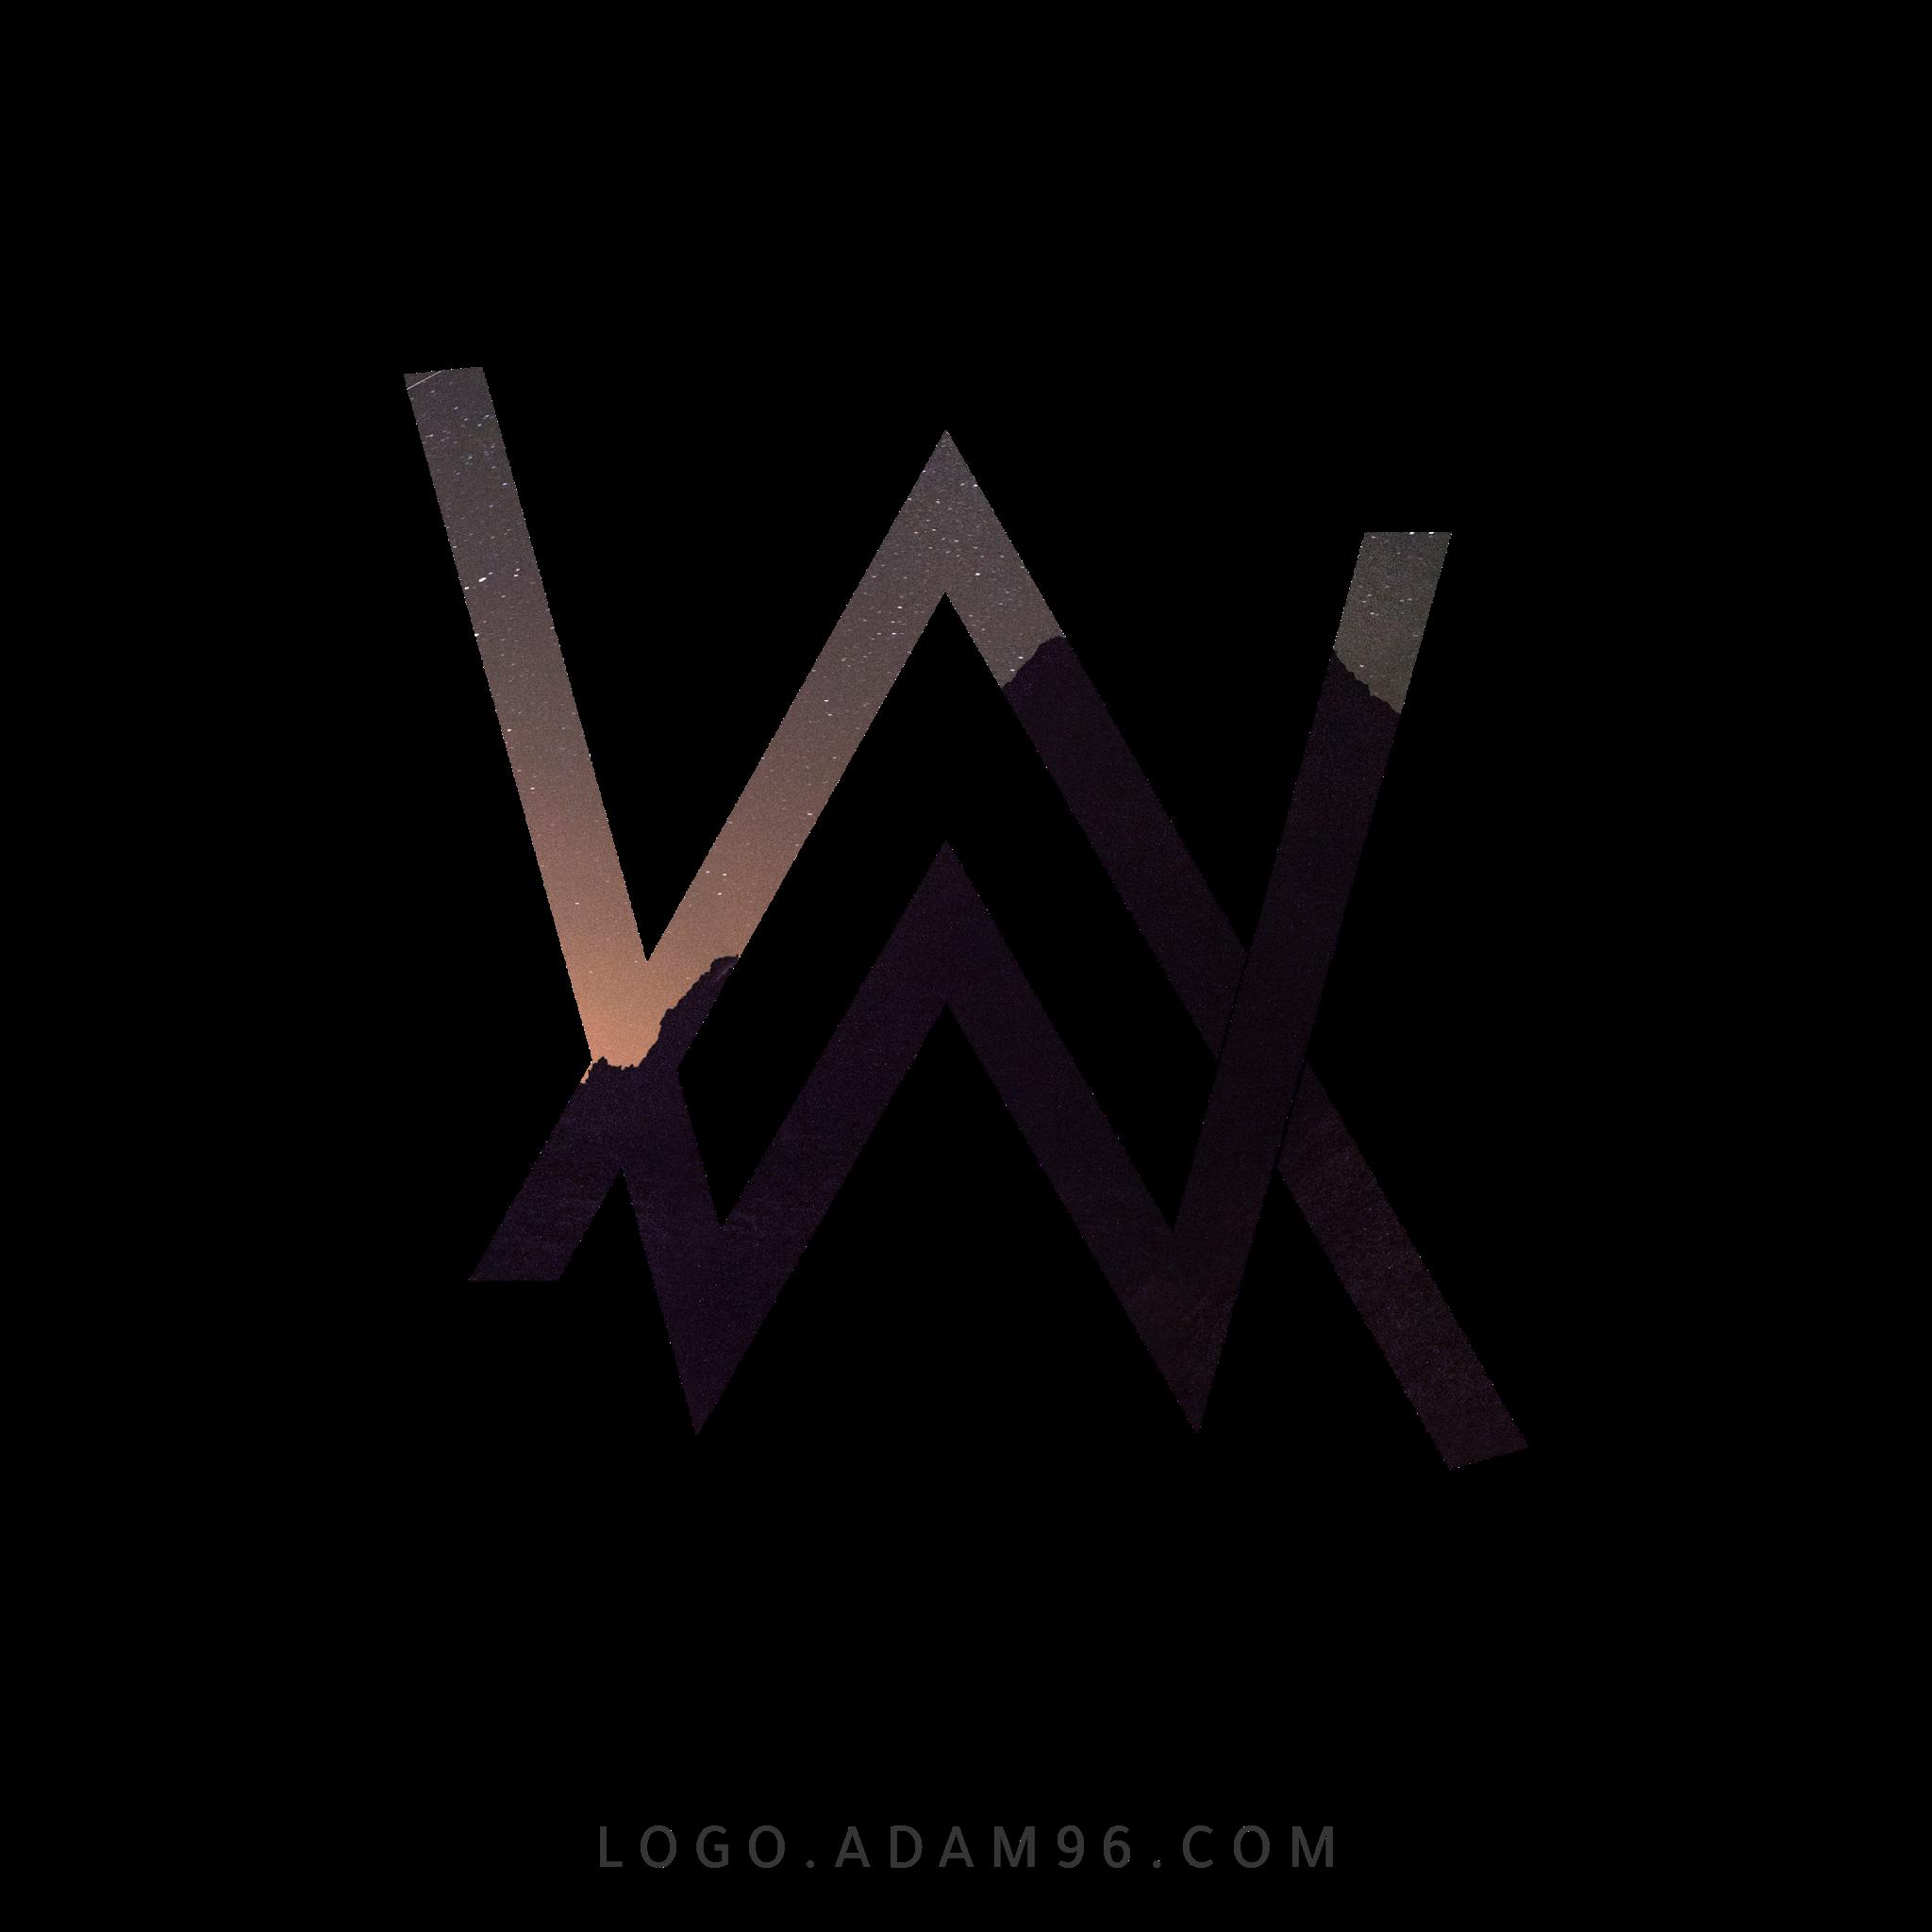 تحميل شعار ألان ووكر لوجو رسمي عالي الدقة بصيغة شفافة Logo Alan Walker PNG